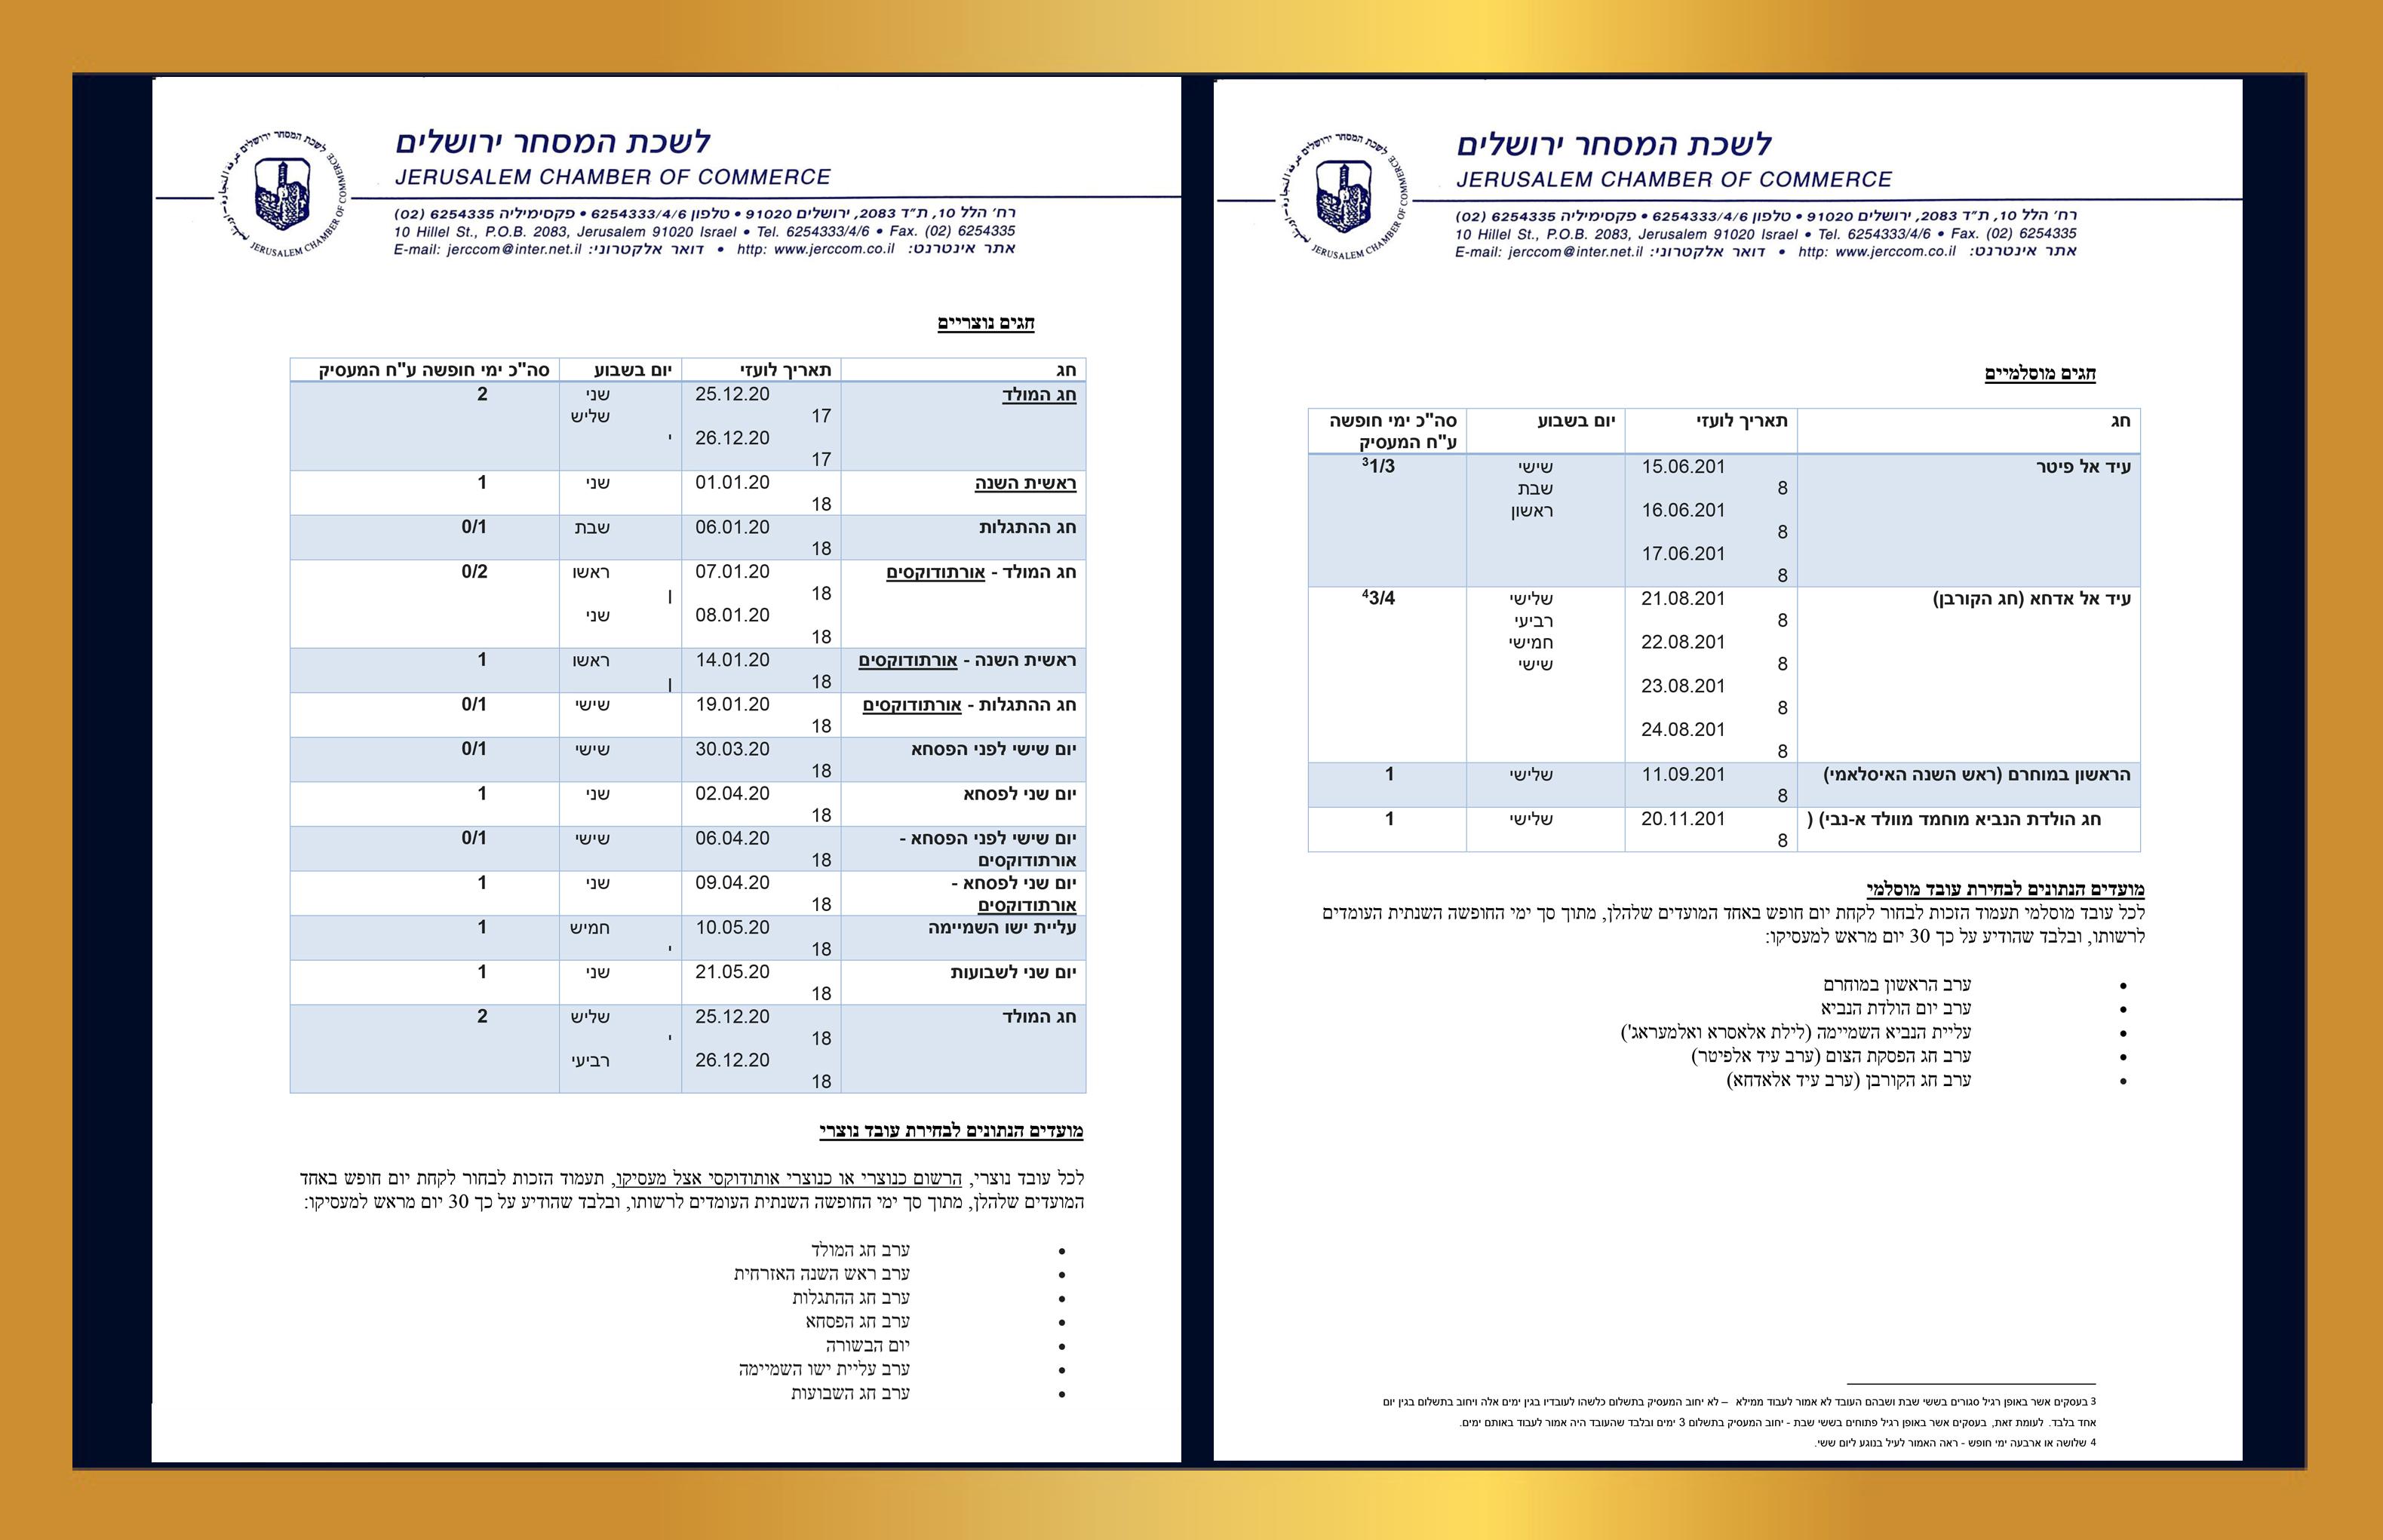 עמודים 3+4 איגרת דיני עבודה לעסקים לרגל חג ה פסח